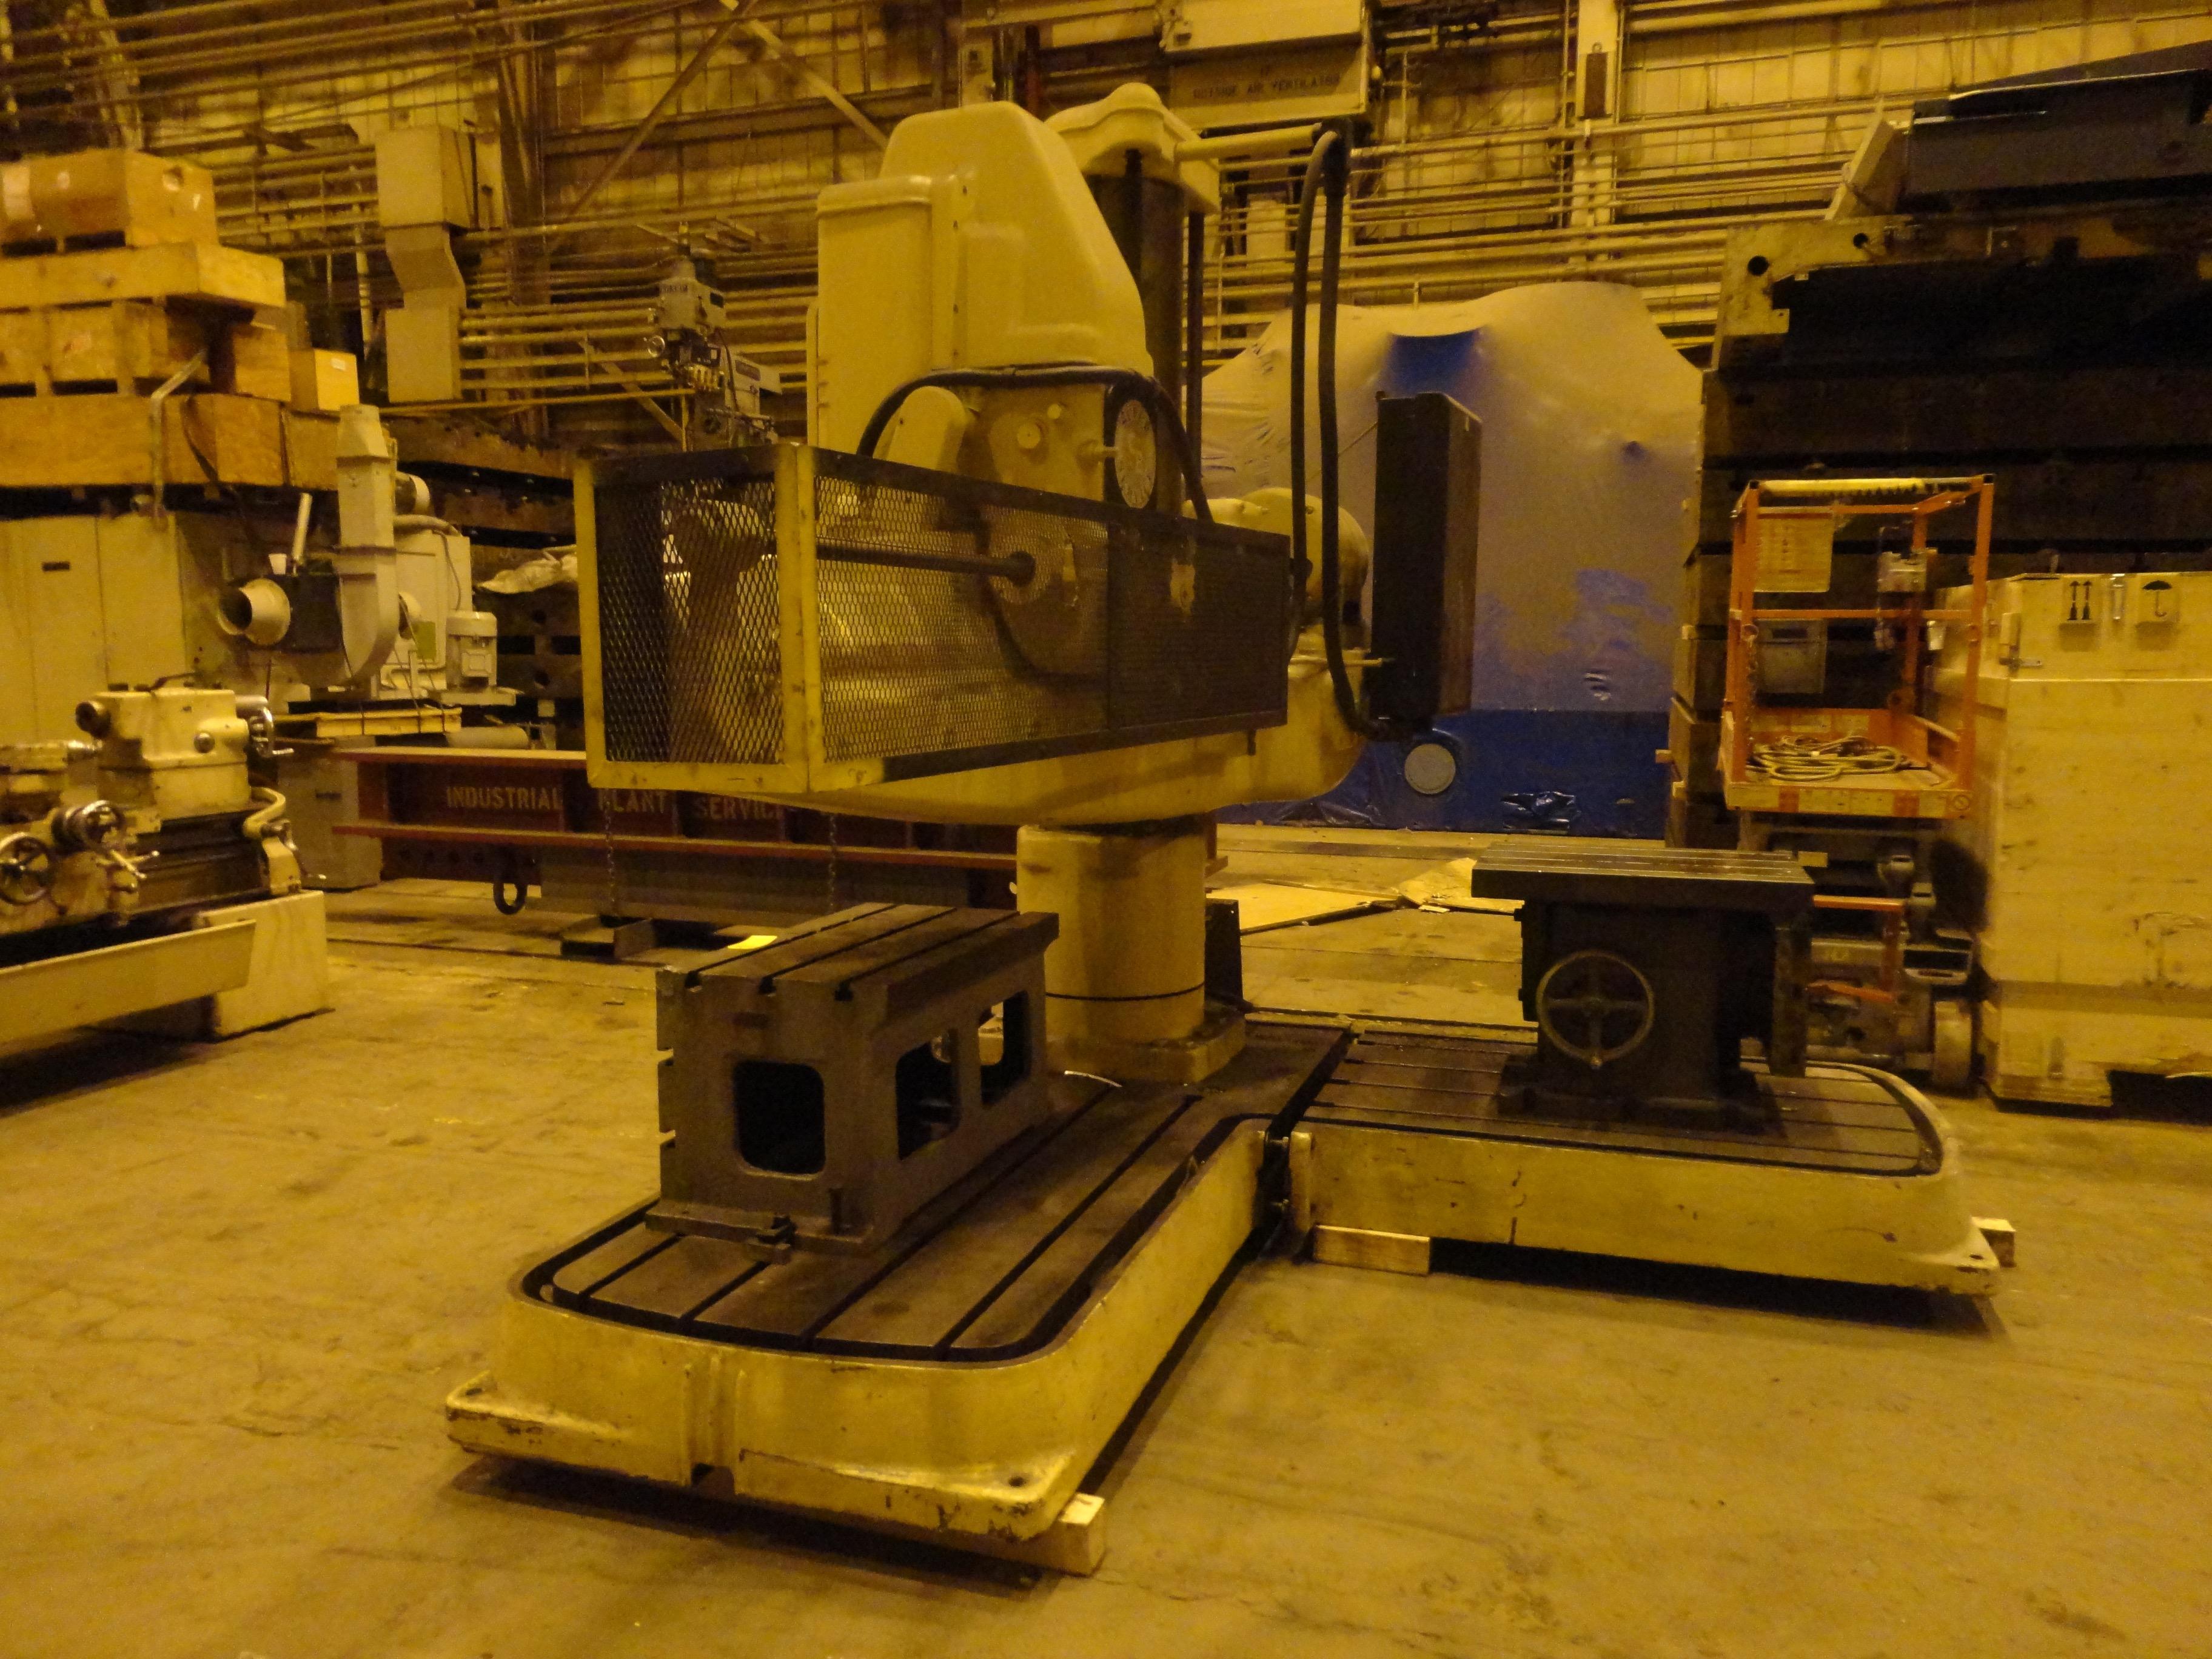 Cincinnati Brickford Radial Drill - Image 2 of 5